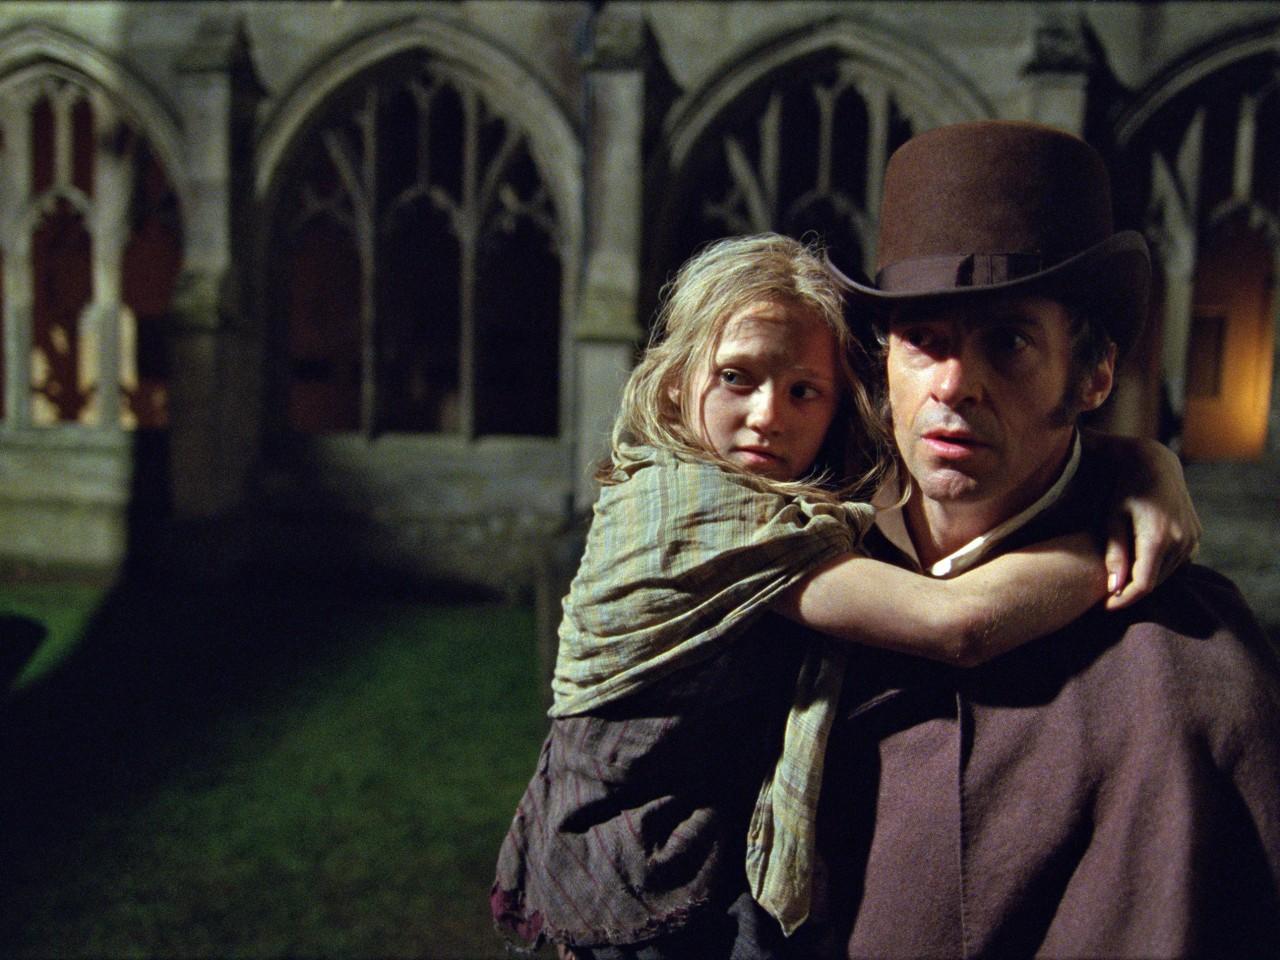 http://4.bp.blogspot.com/-VSfpmWlDFM8/UONJ-5UsfkI/AAAAAAAABn8/NtaGcui1-MQ/s1600/film-review-les-miserables_jpeg4-1280x960.jpg